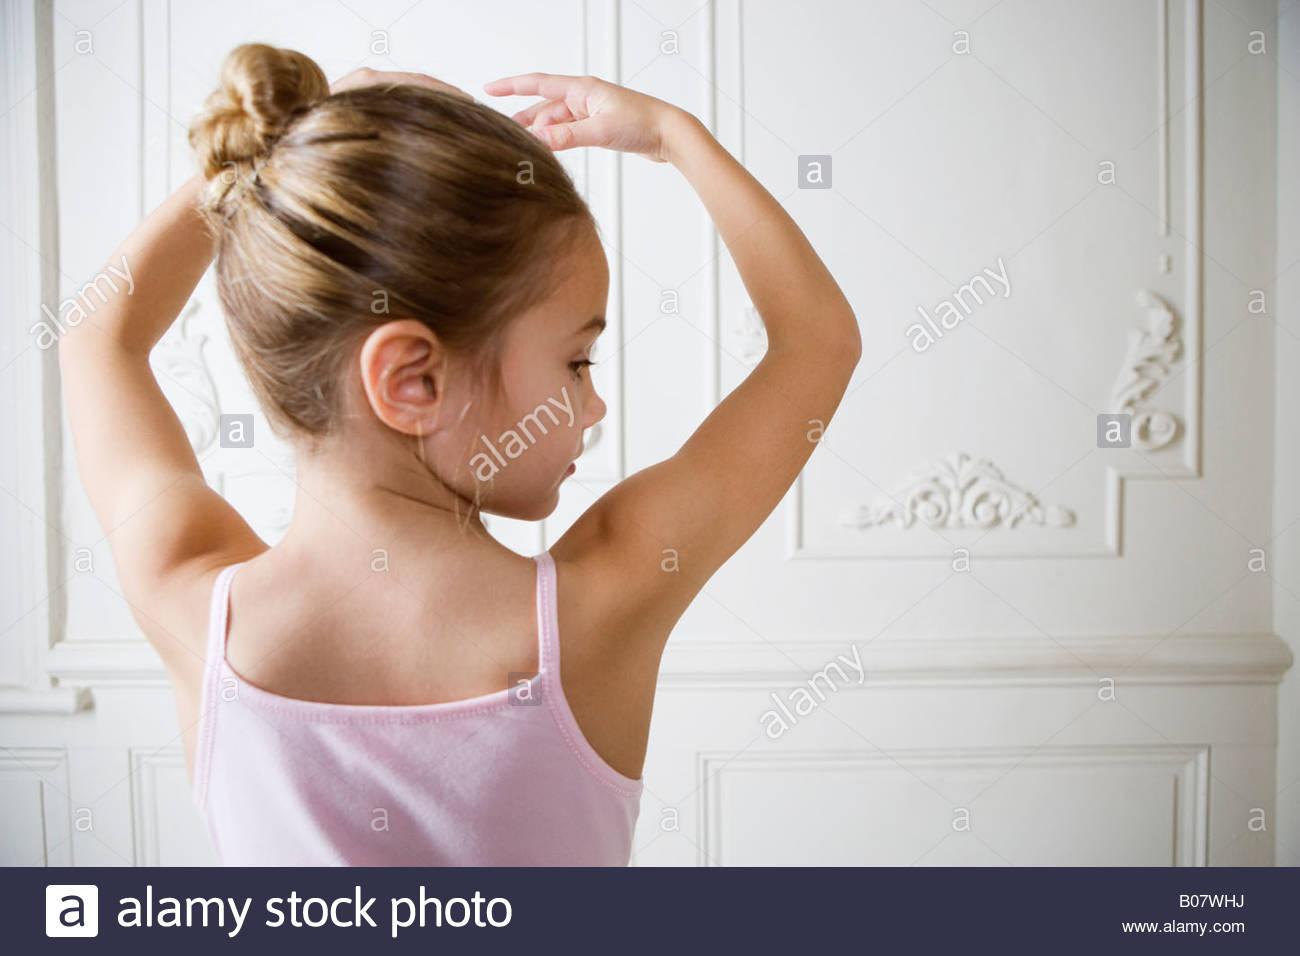 Joven realizando un ballet mover Imagen De Stock